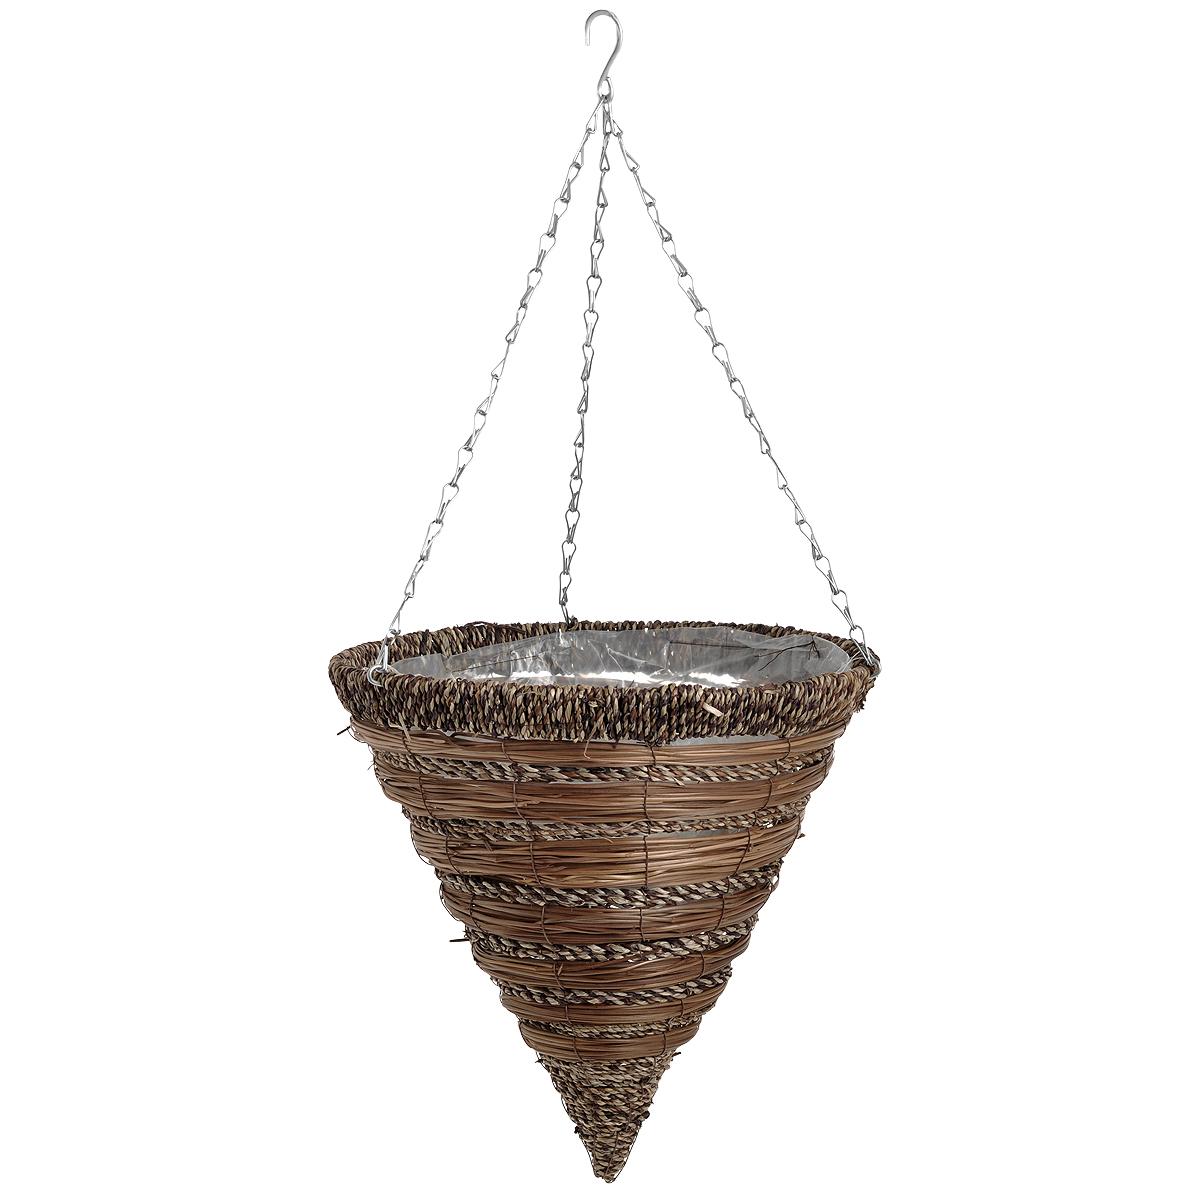 """Подвесная плетеная корзина """"Gardman"""" в форме конуса изготовлена из сизаля. Каркас выполнен из металла. Корзина уже оснащена специальной пленкой и полностью готова для посадки растений. Прекрасно подходит для цветов. Подвешивается с помощью специальной тройной металлической цепи с крючком.Кашпо часто становятся последним штрихом, который совершенно изменяет интерьер помещения или ландшафтный дизайн сада. Благодаря такому кашпо вы сможете украсить вашу комнату, офис или сад. Характеристики: Материал: металл, сизаль. Диаметр корзины: 35 см. Высота корзины: 36 см. Товары для садоводства от Gardman - это вещи, сделанные с любовью, с истинно английской практичностью, основанной на глубоких традициях садоводства Великобритании. Эти товары широко известны садоводам Европы, США, Канады и Японии. Демократичные цены и продуманный ассортимент Gardman завоевал признательность и российского покупателя, достойного хороших, качественных вещей. В ассортименте Gardman есть практически все, что нужно современному садоводу - от совочка для рассады до предметов декора и ландшафтного дизайна."""